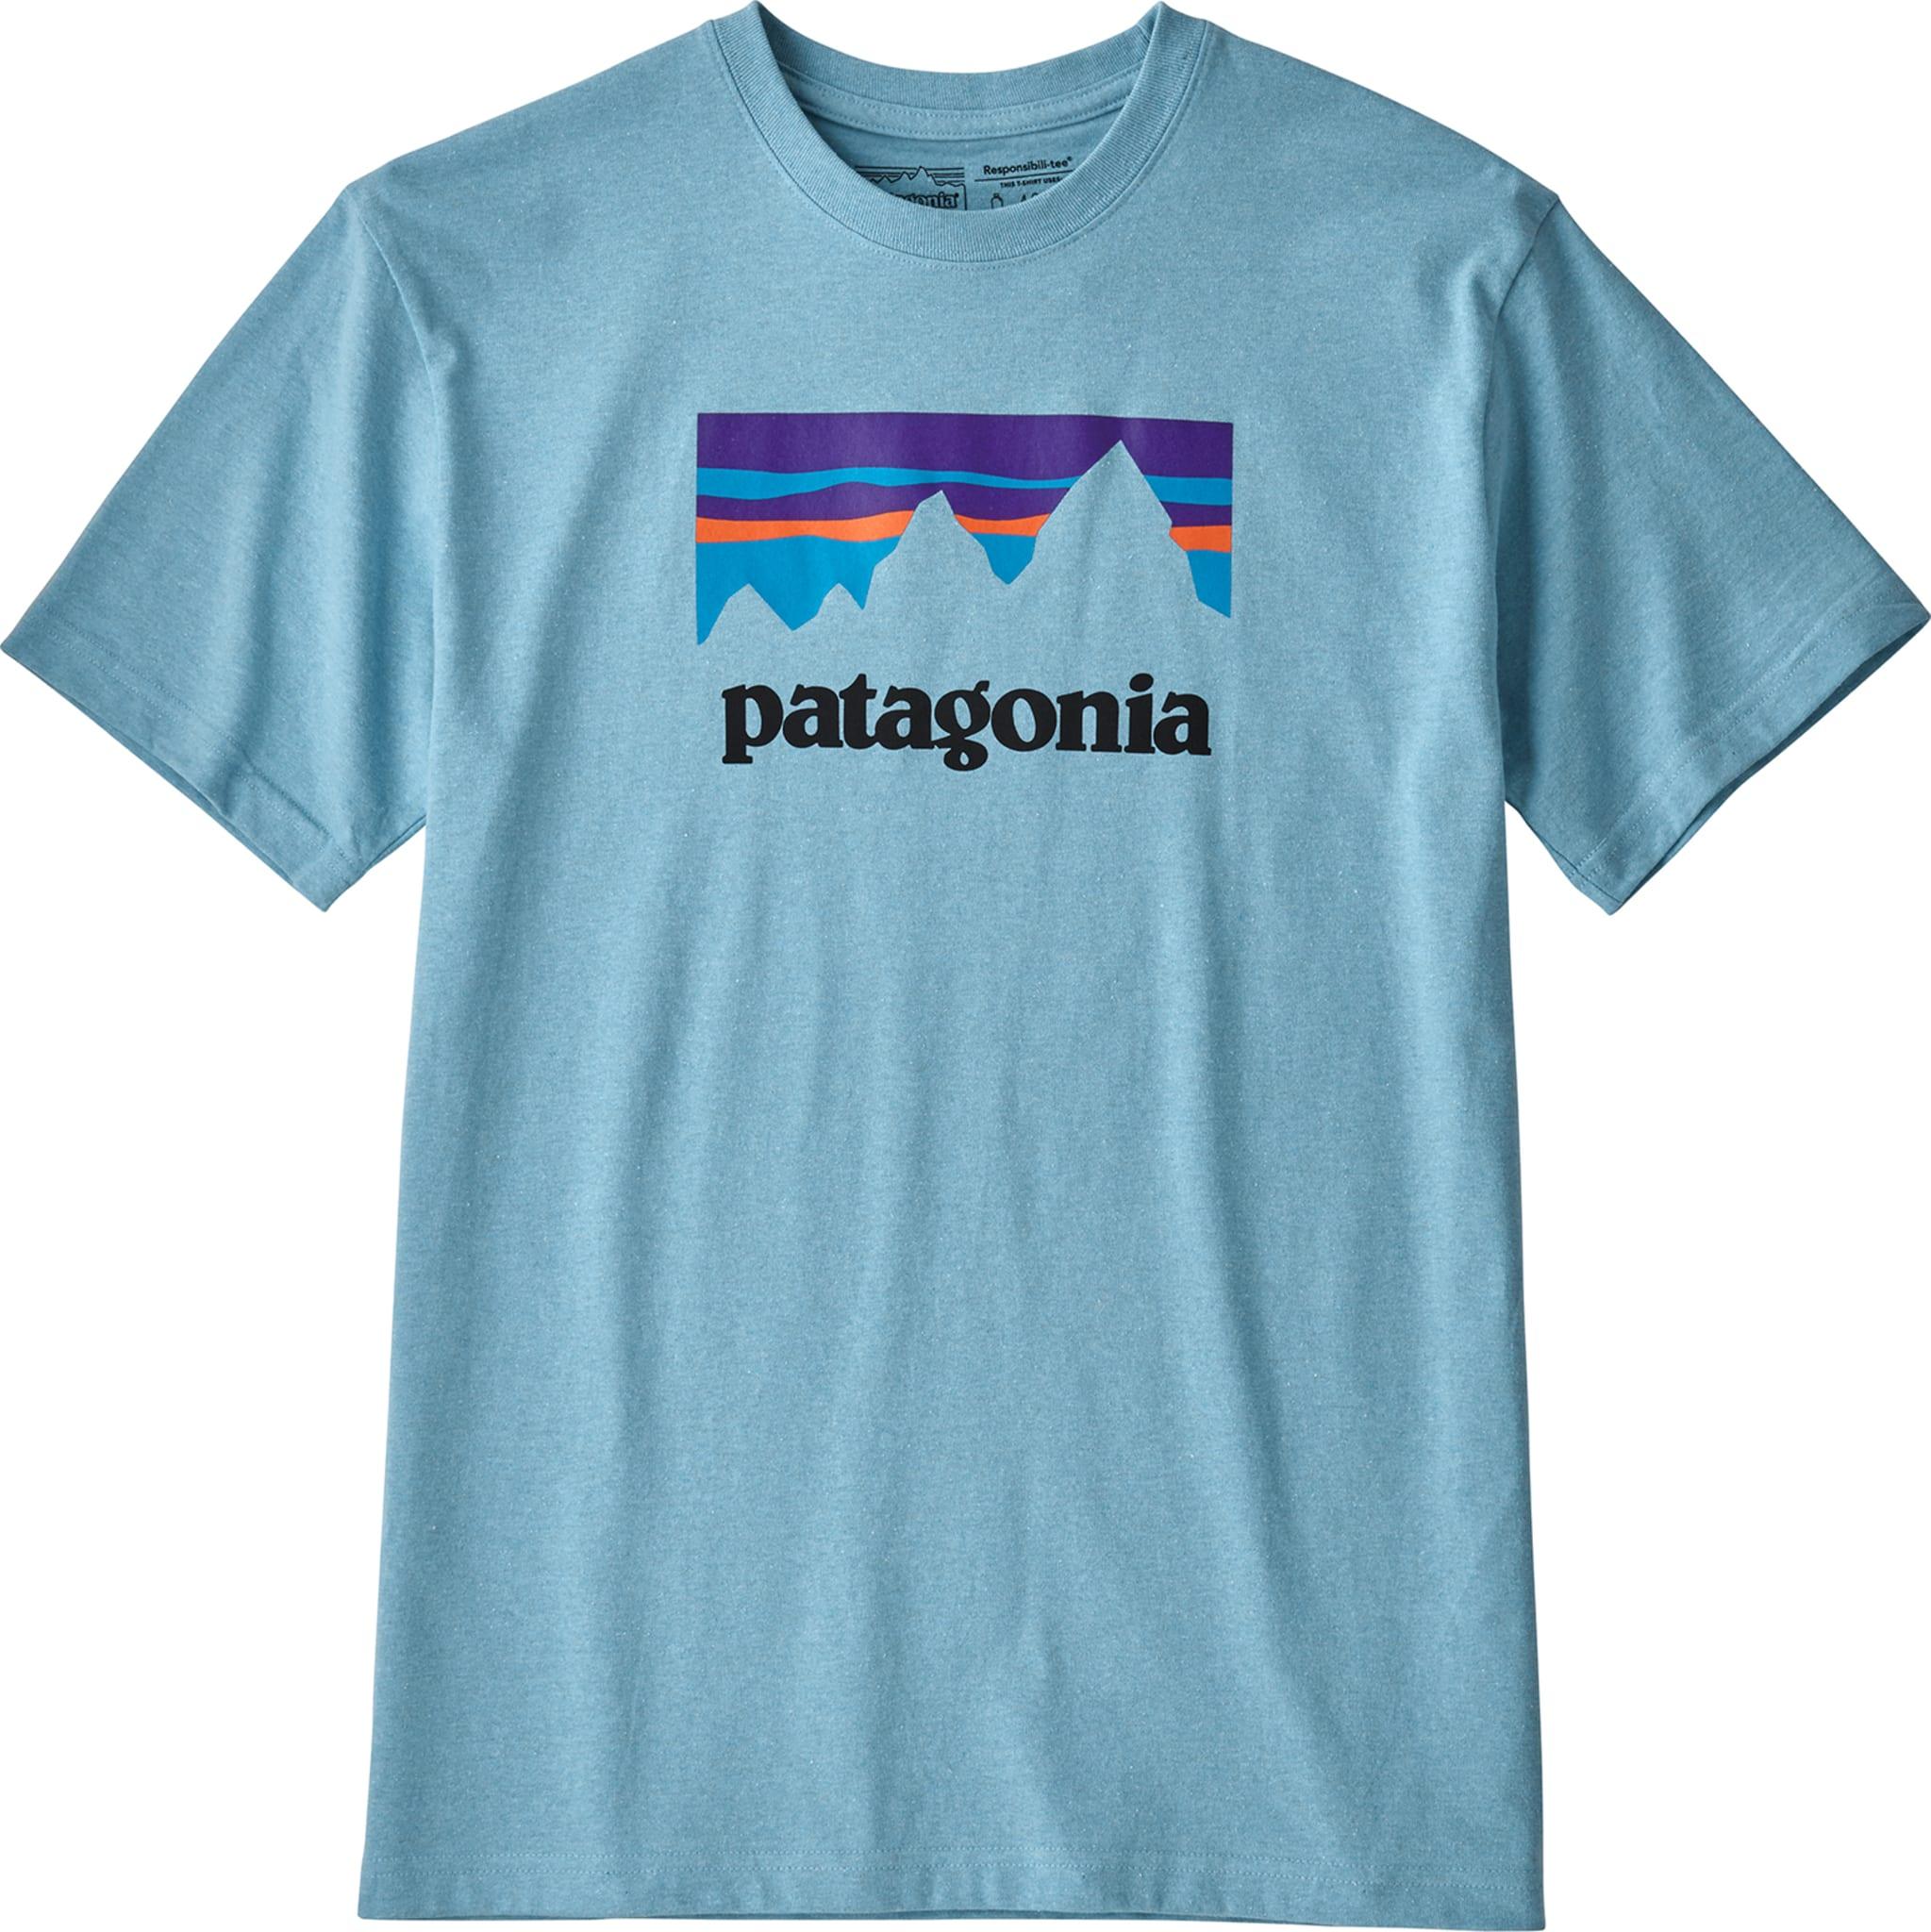 T-skjorte laget i resirkulert bomull og polyester